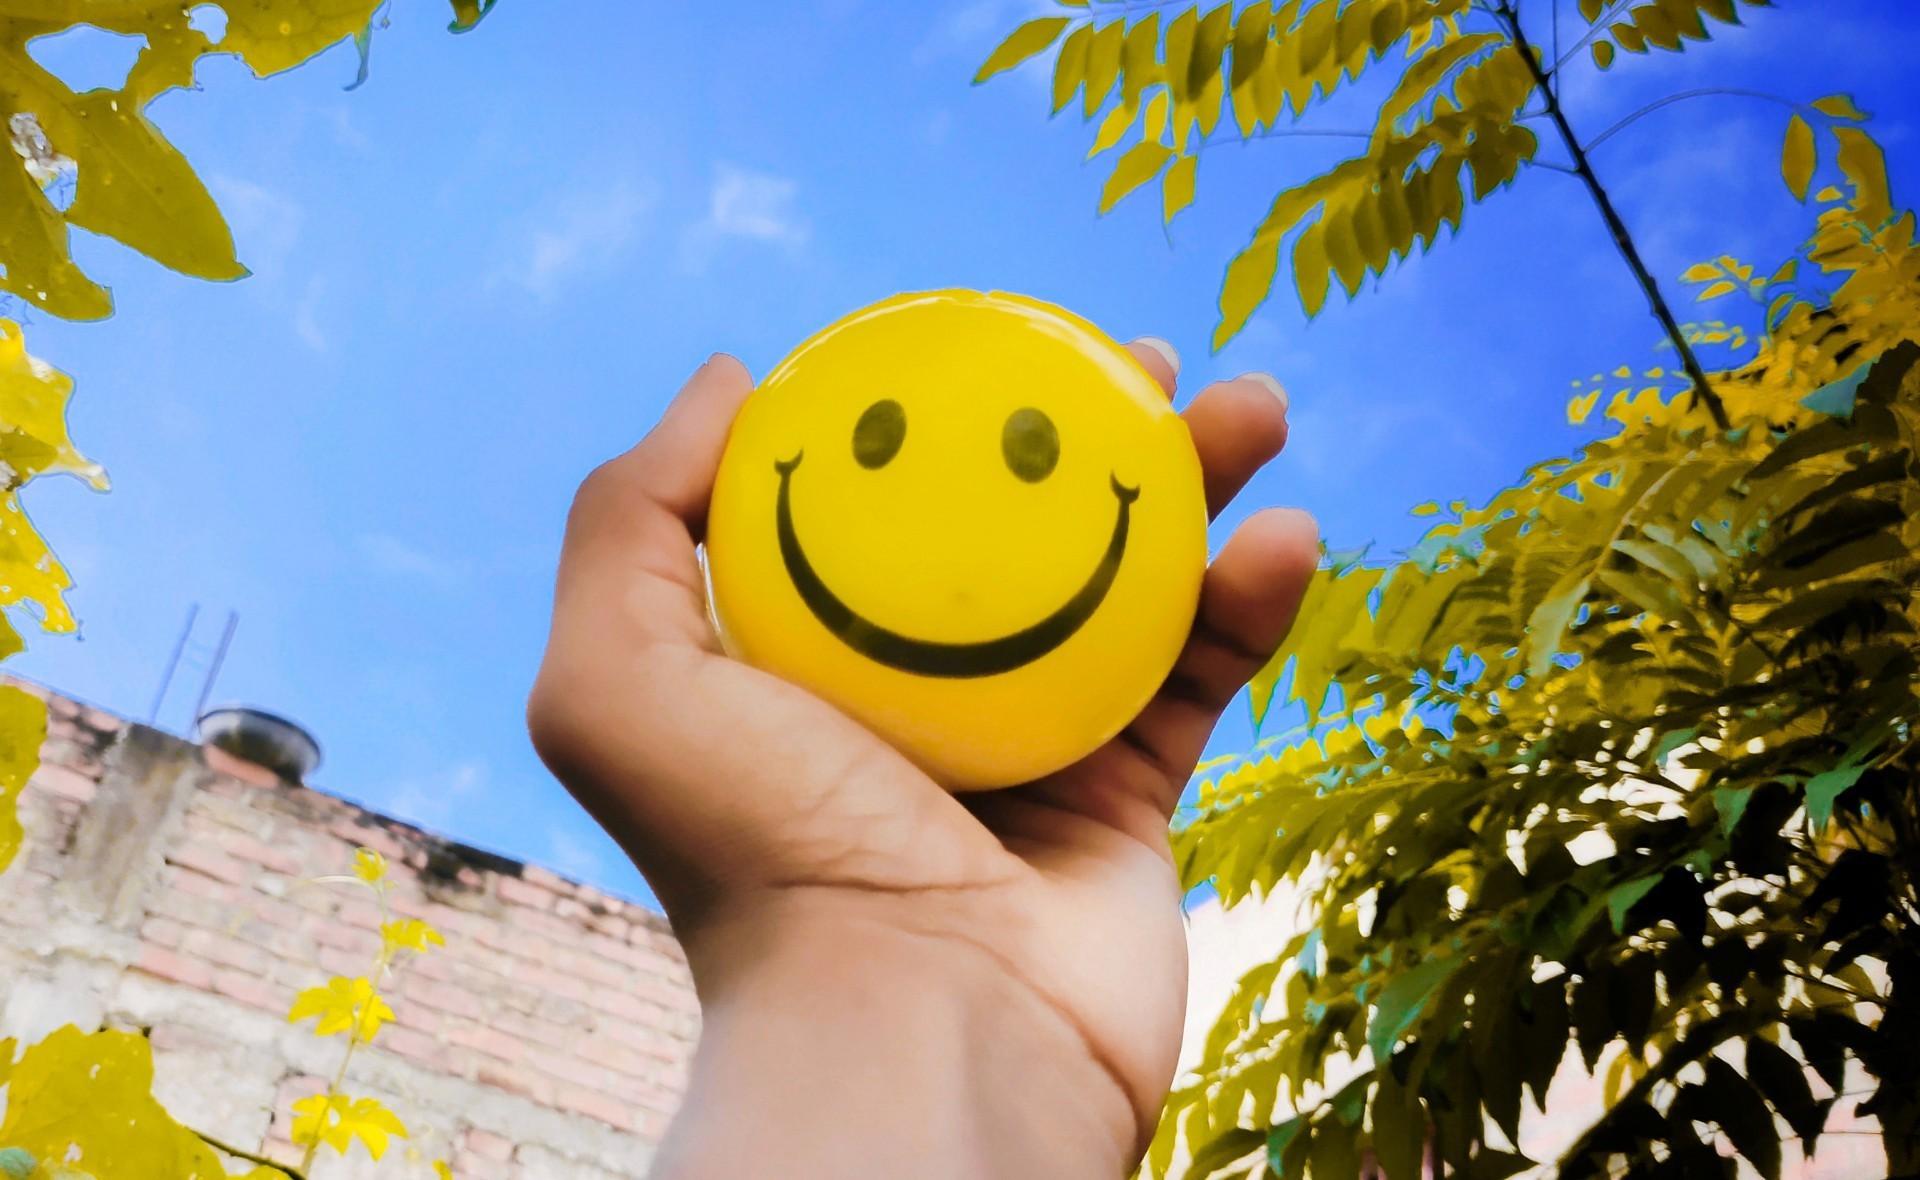 Estudo revela os 10 países mais felizes do mundo